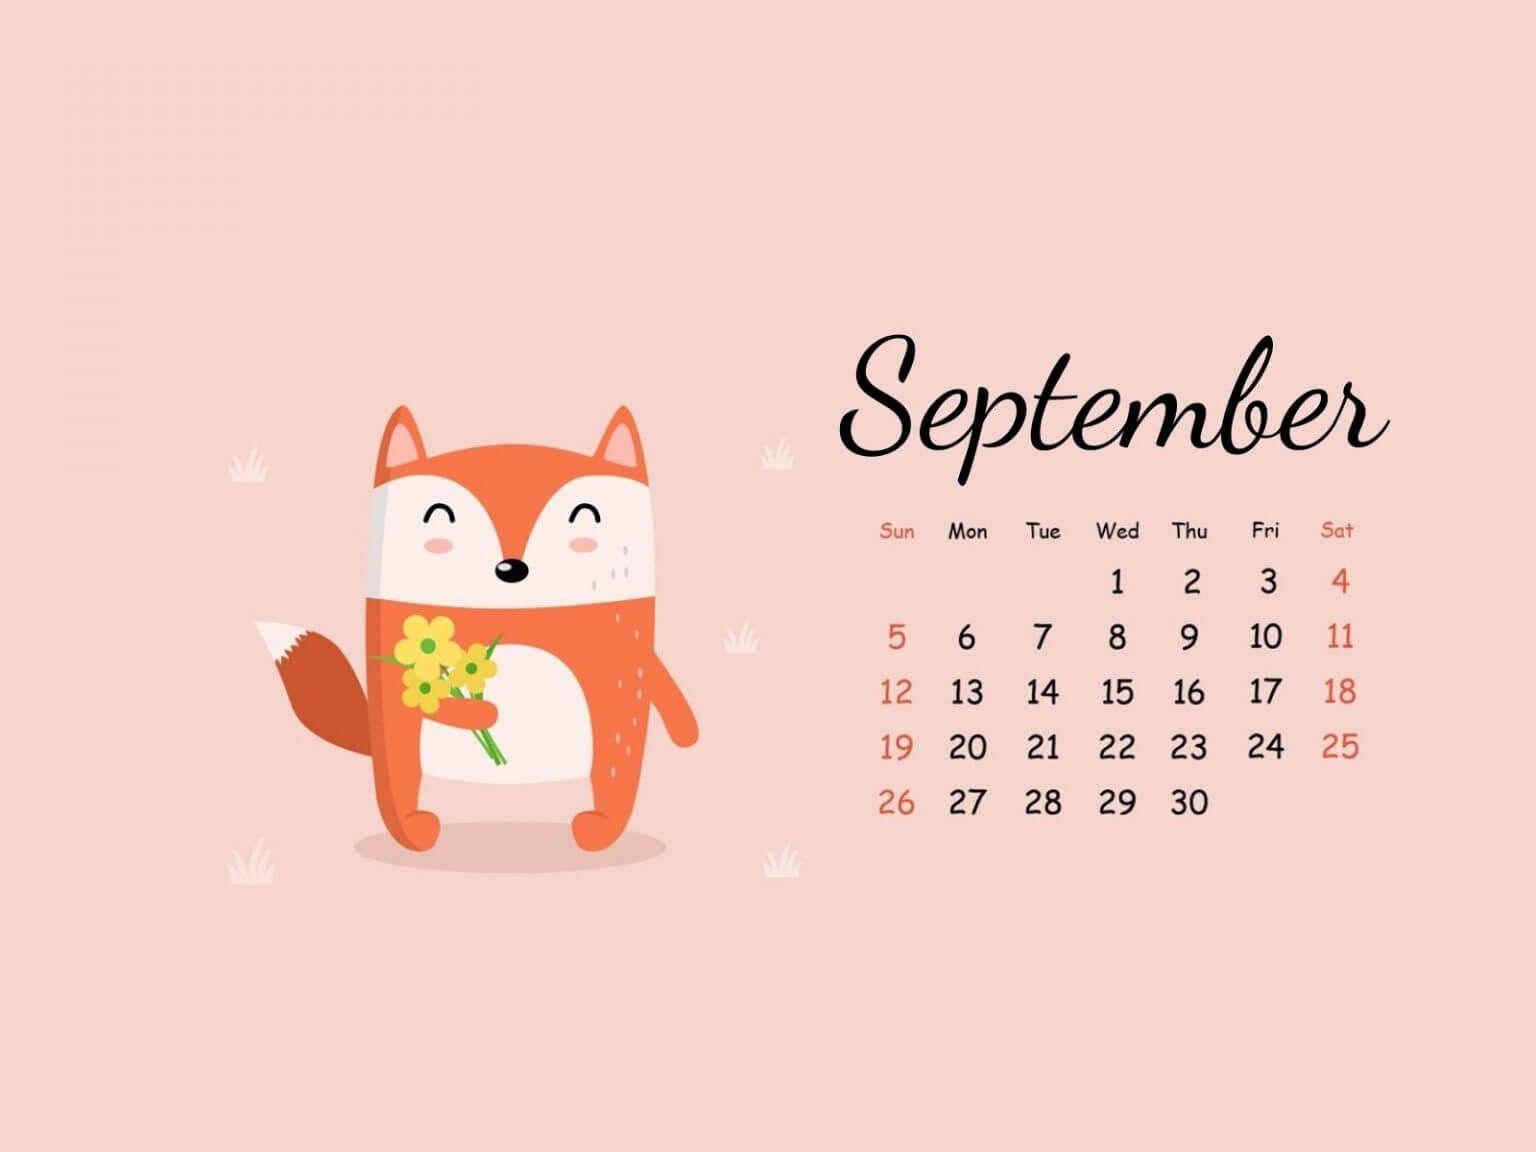 September 2021 Desktop Calendar Wallpaper in 2021 Calendar 1536x1152